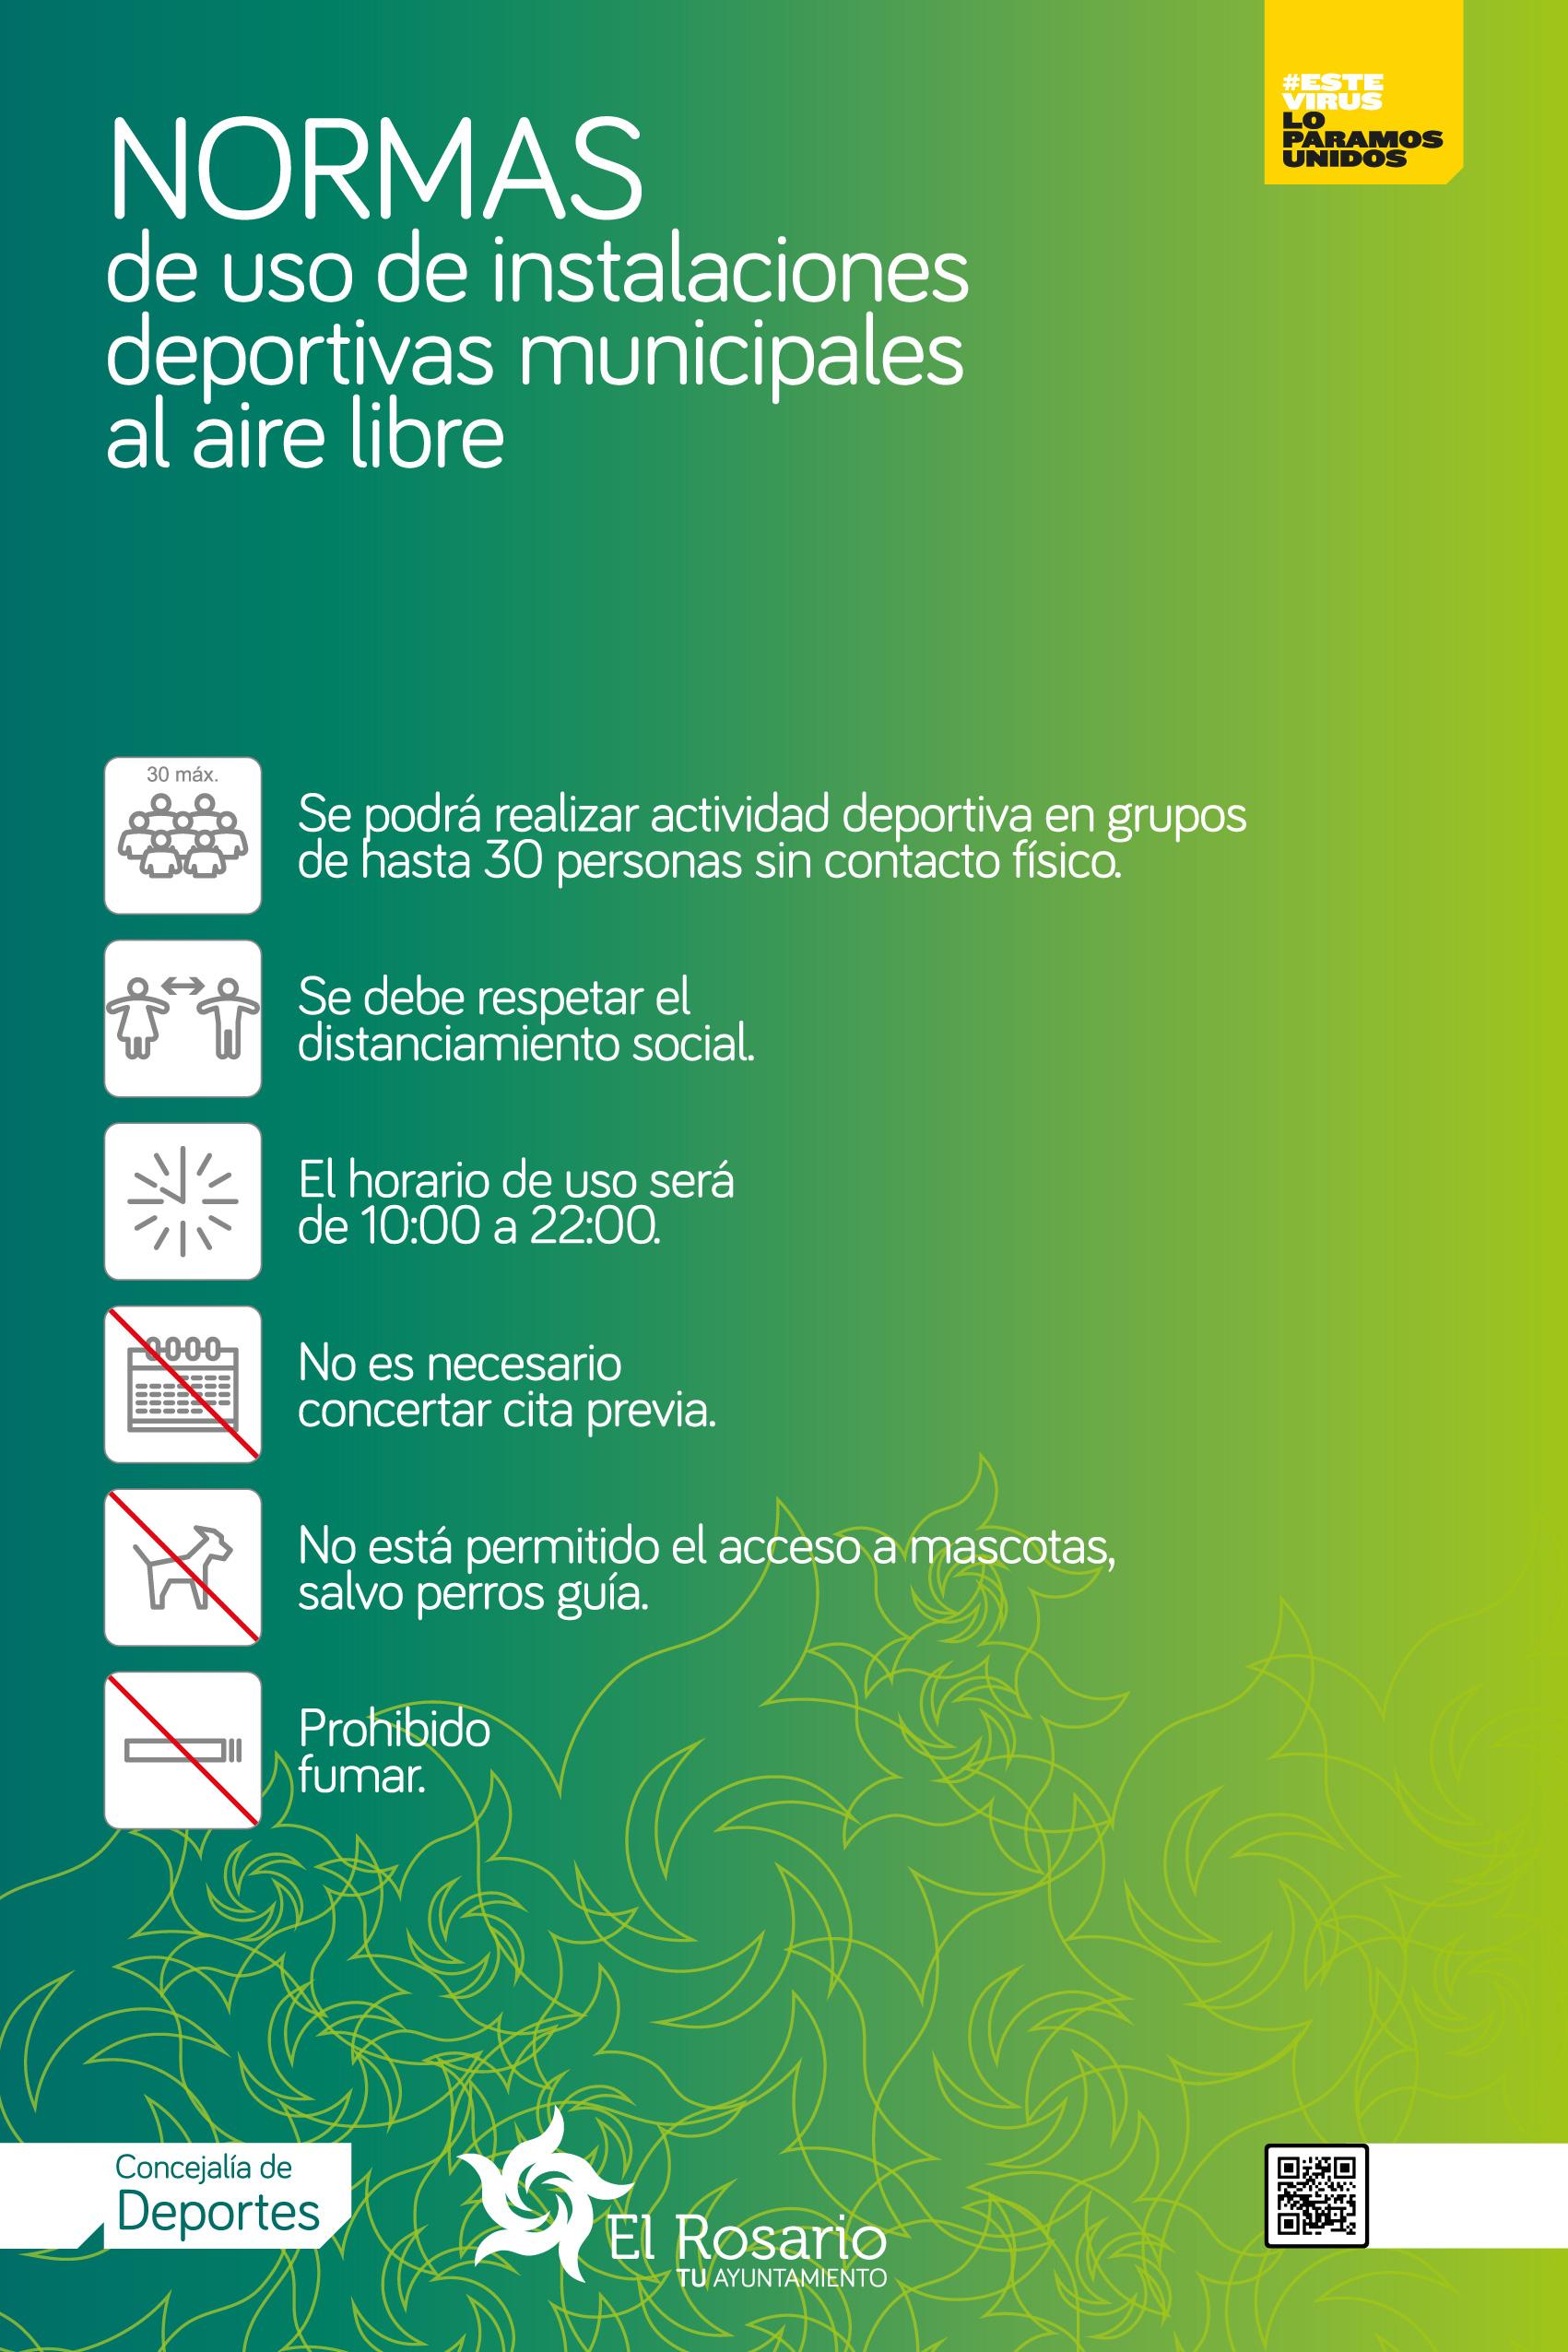 NORMAS-Instalaciones_deportivas-20200600-cartel_600x900-20200717-01af-rrss1